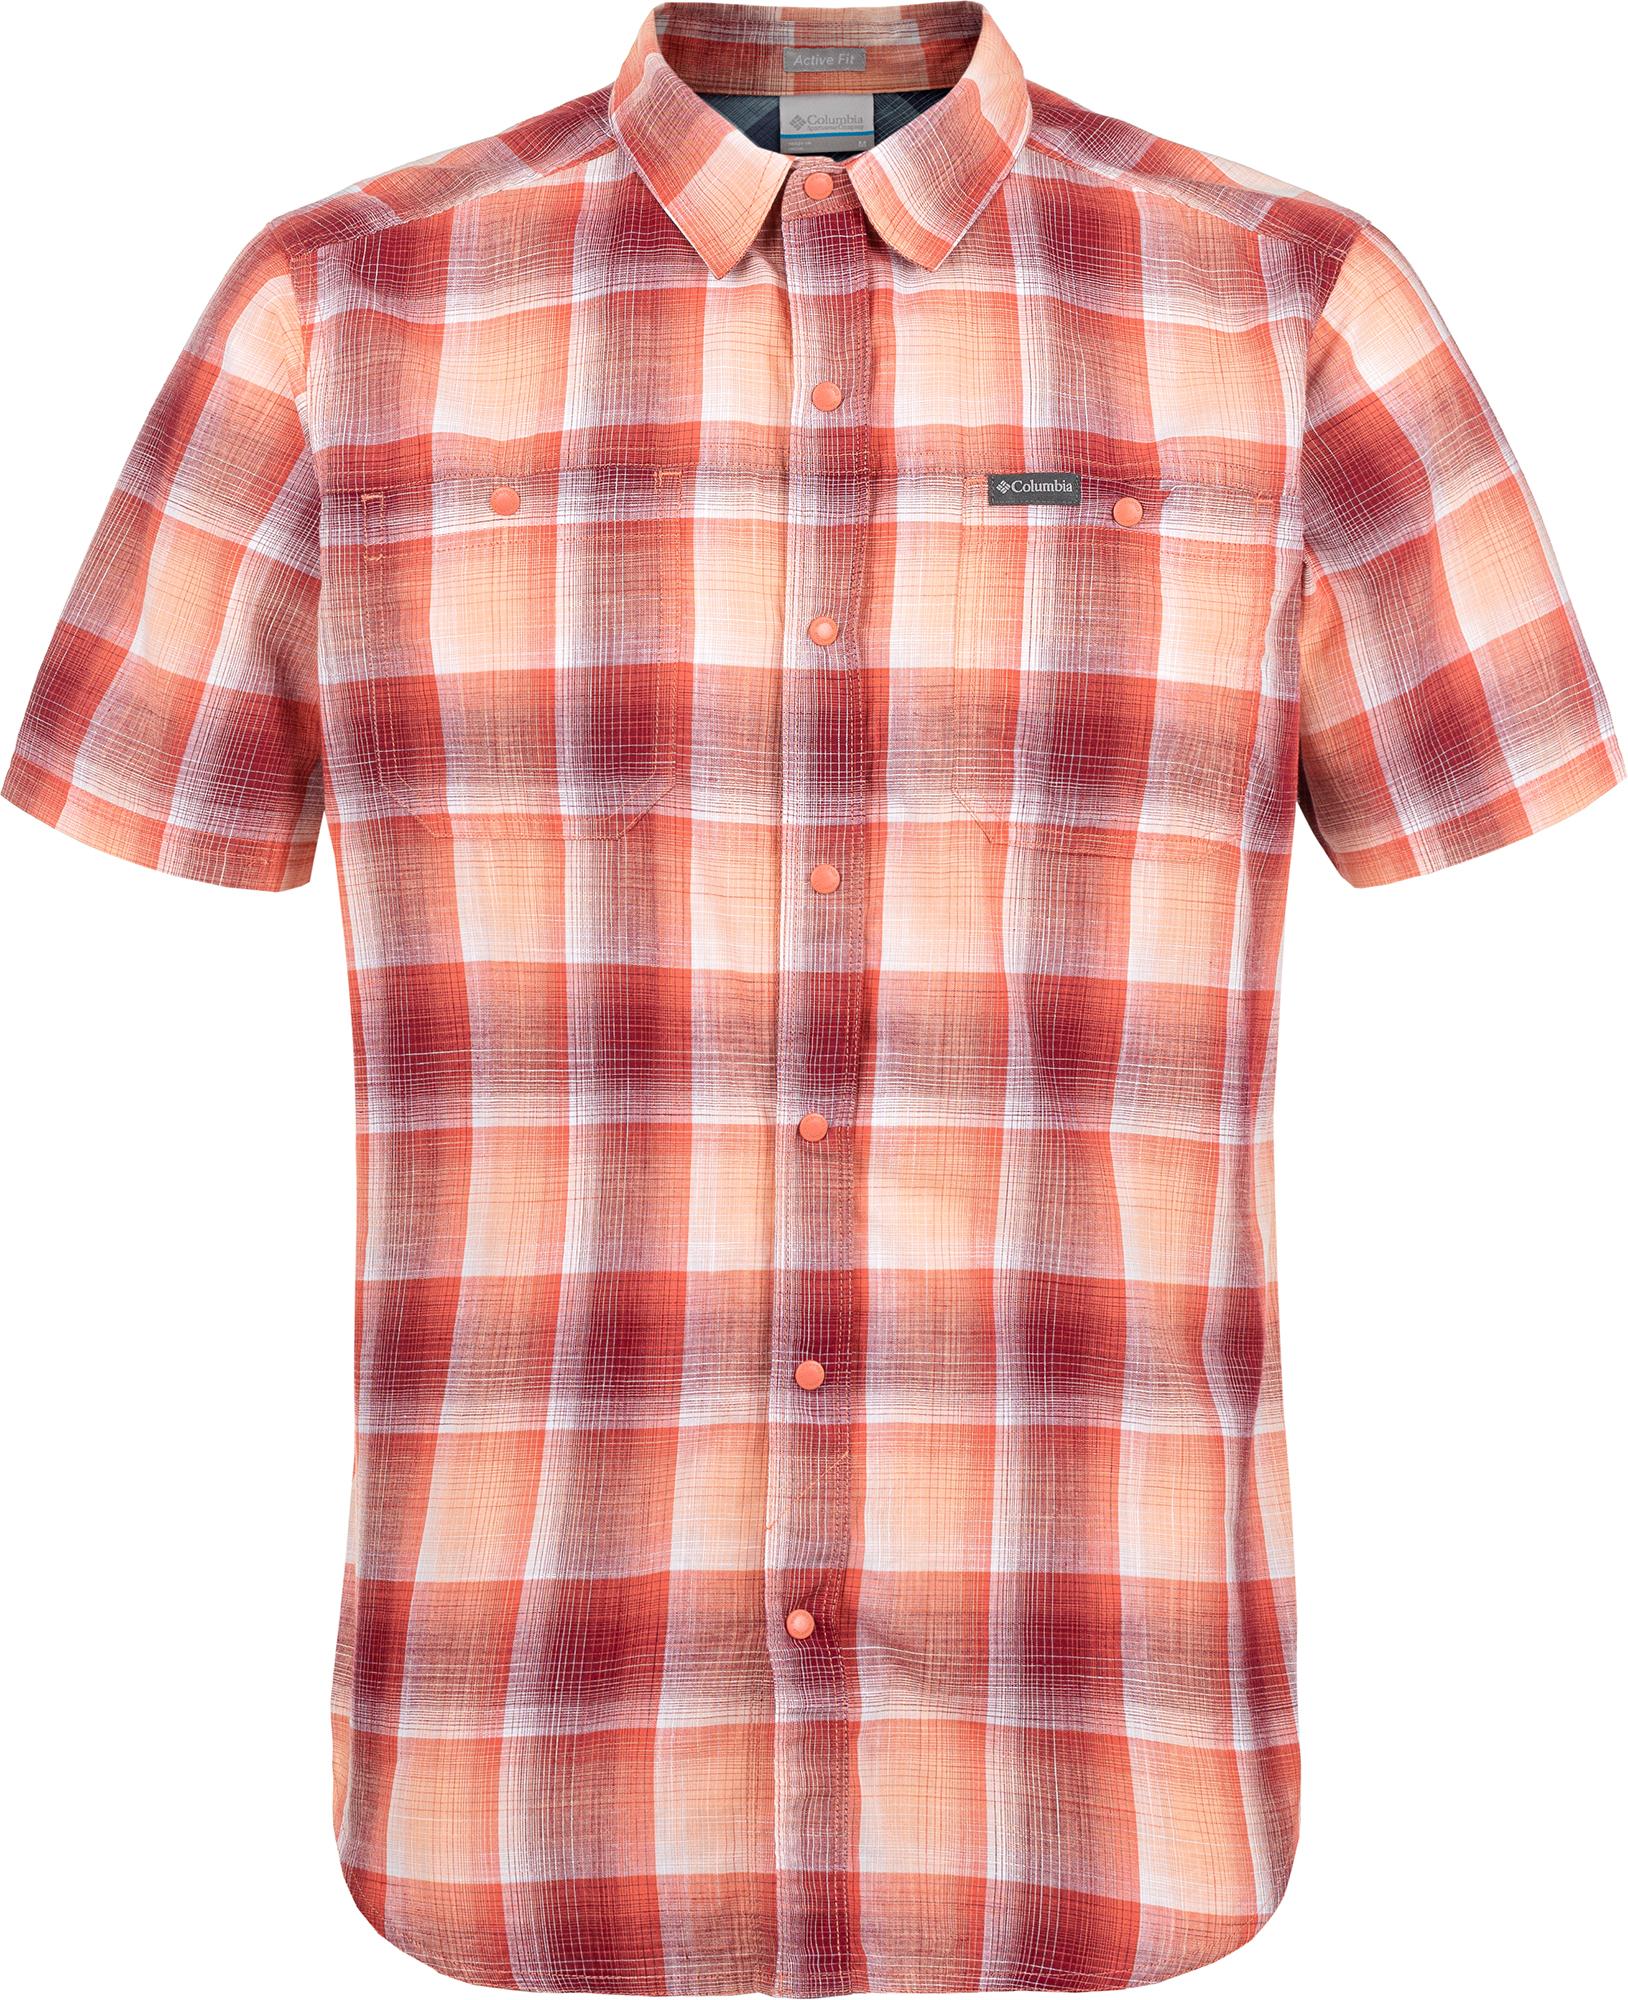 цена на Columbia Рубашка мужская Columbia Leadville Ridge, размер 50-52